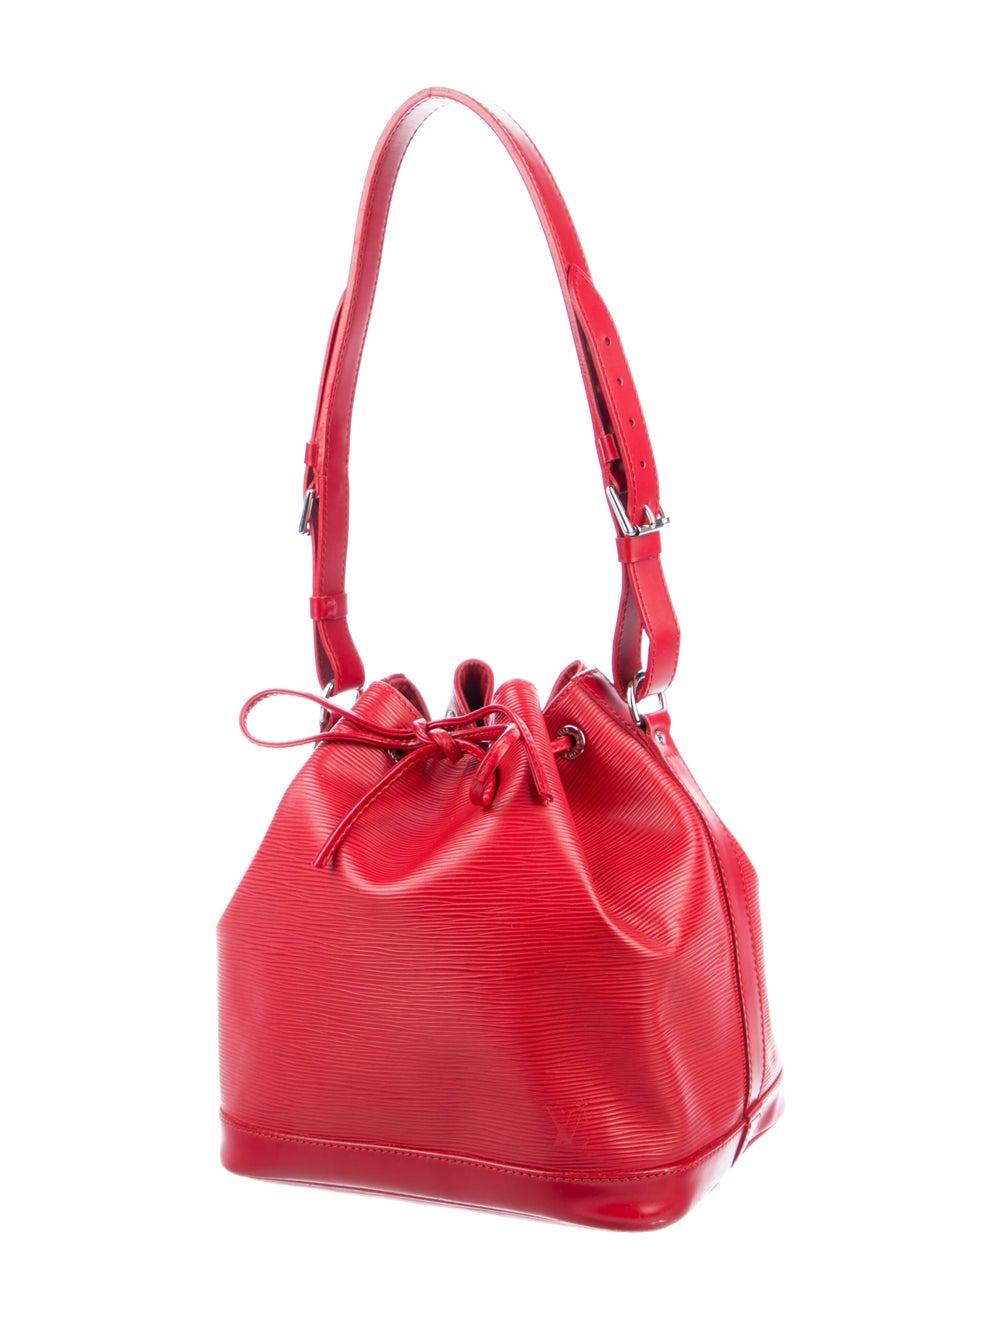 Louis Vuitton Epi Noé Red - image 3